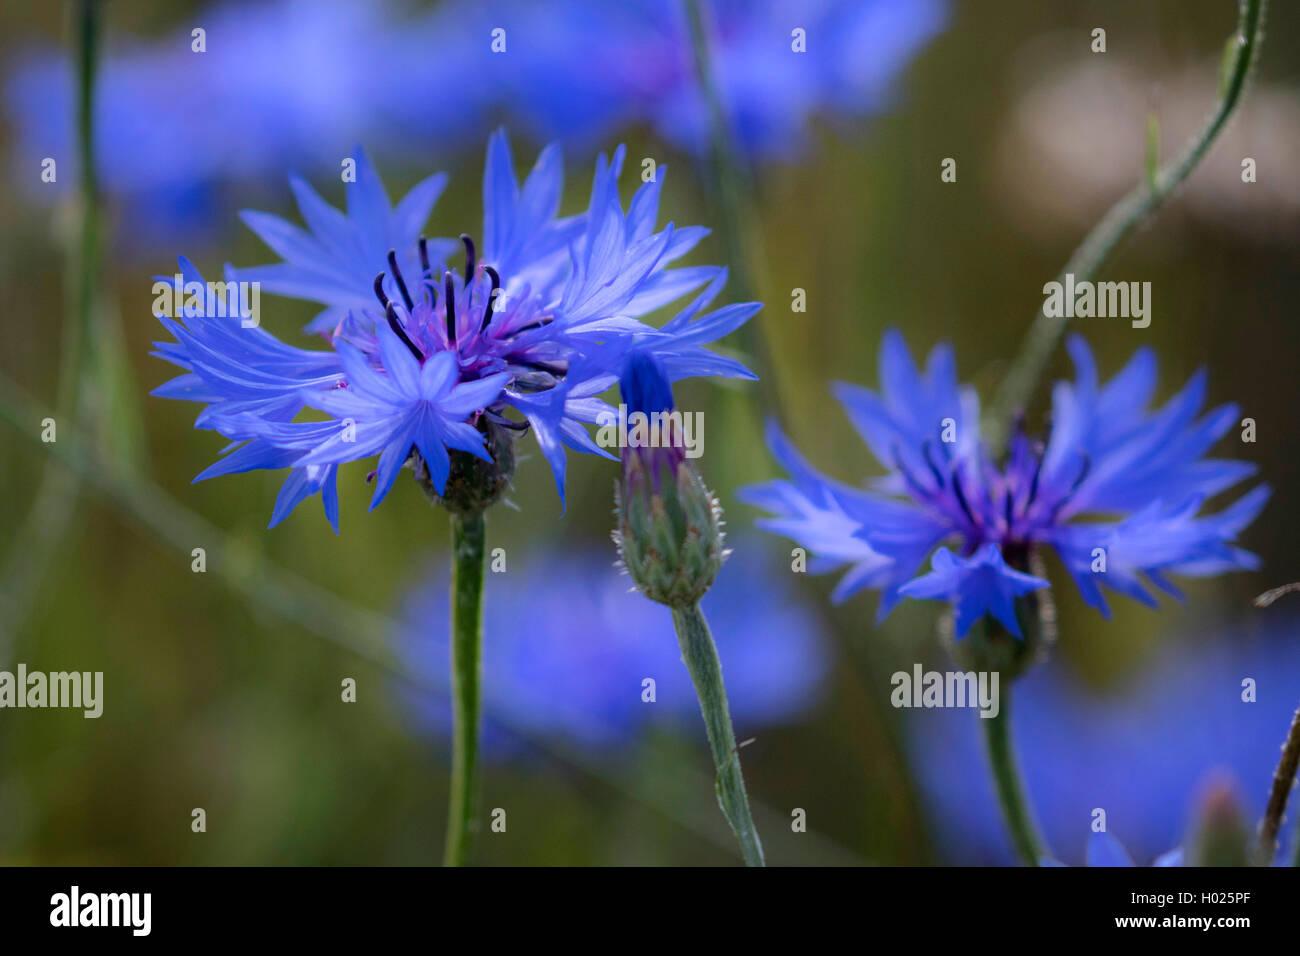 Kornblume (Centaurea cyanus), blaue Blueten, Deutschland, Bayern   bachelor's button, bluebottle, cornflower - Stock Image